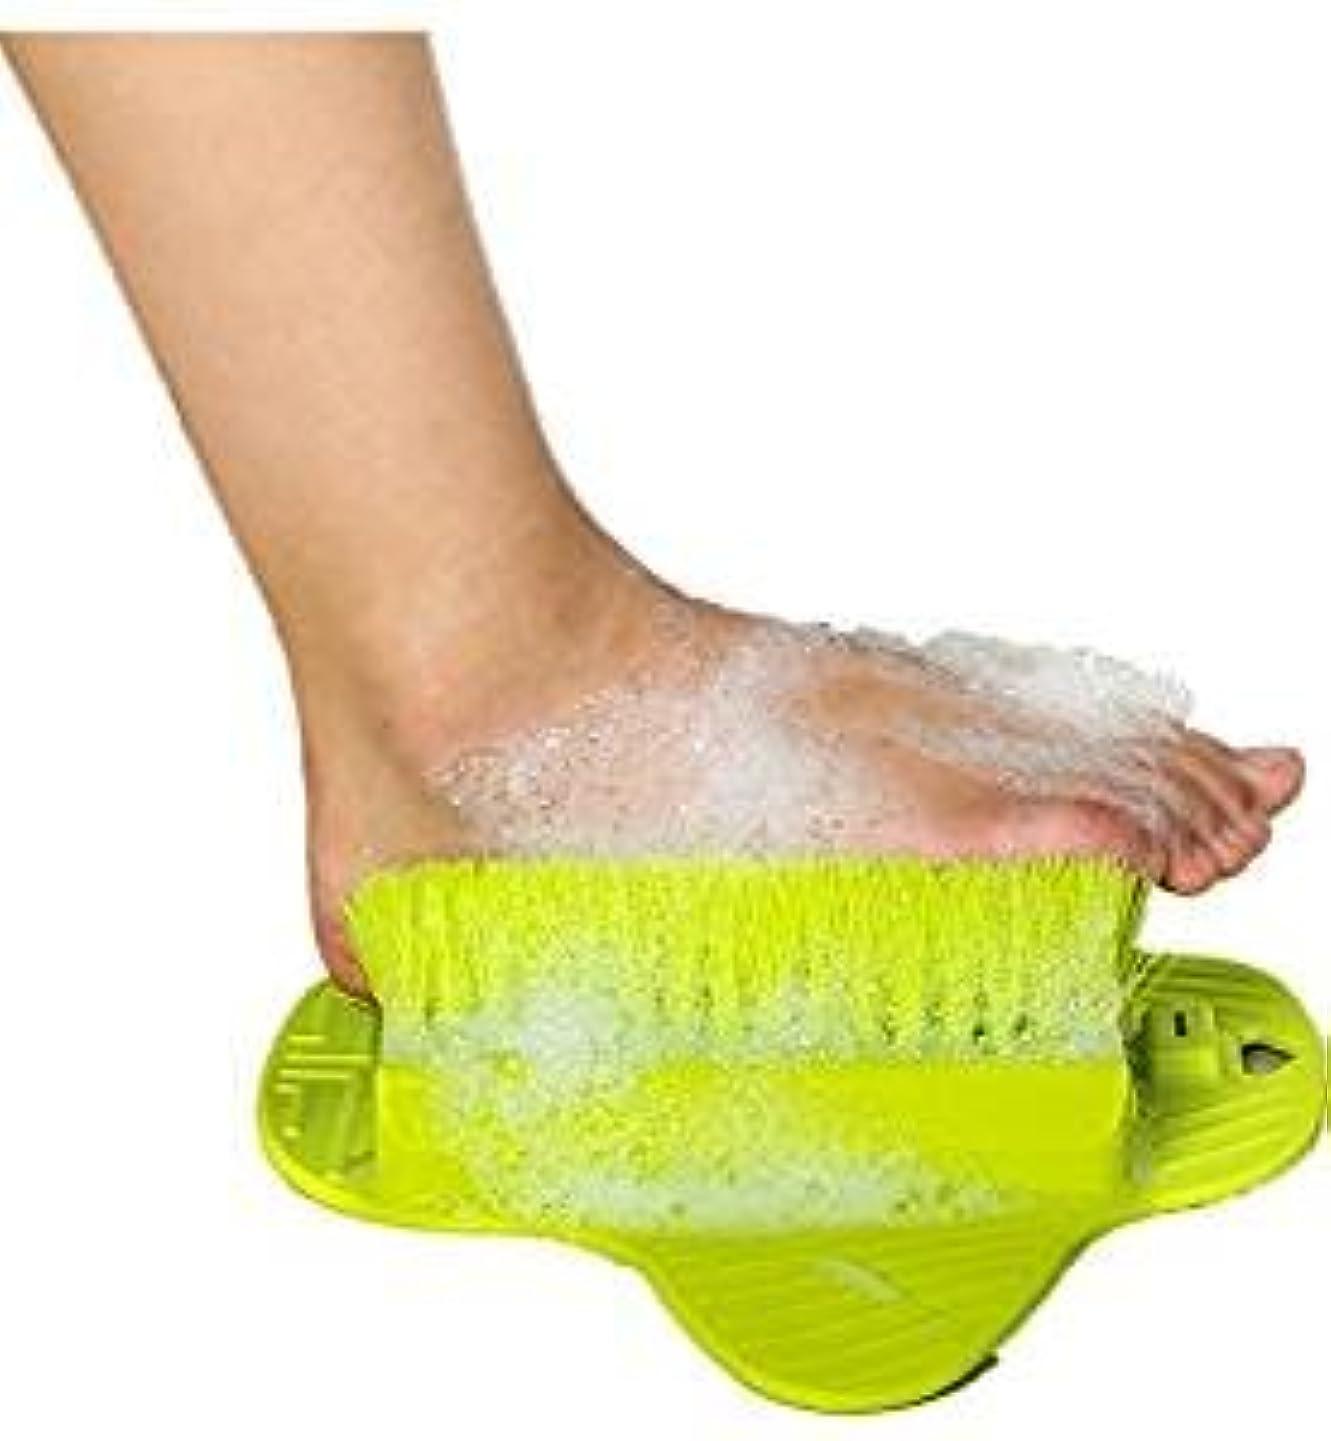 アメリカ怒り量足洗いマット 足洗いブラシ マッサージマット 角質ケアブラシ 足洗い用 バスマット フットブラシ 血液循環 吸盤 壁掛けフック用穴付き フットブラシ お風呂で使える角質ケアブラシ (緑)